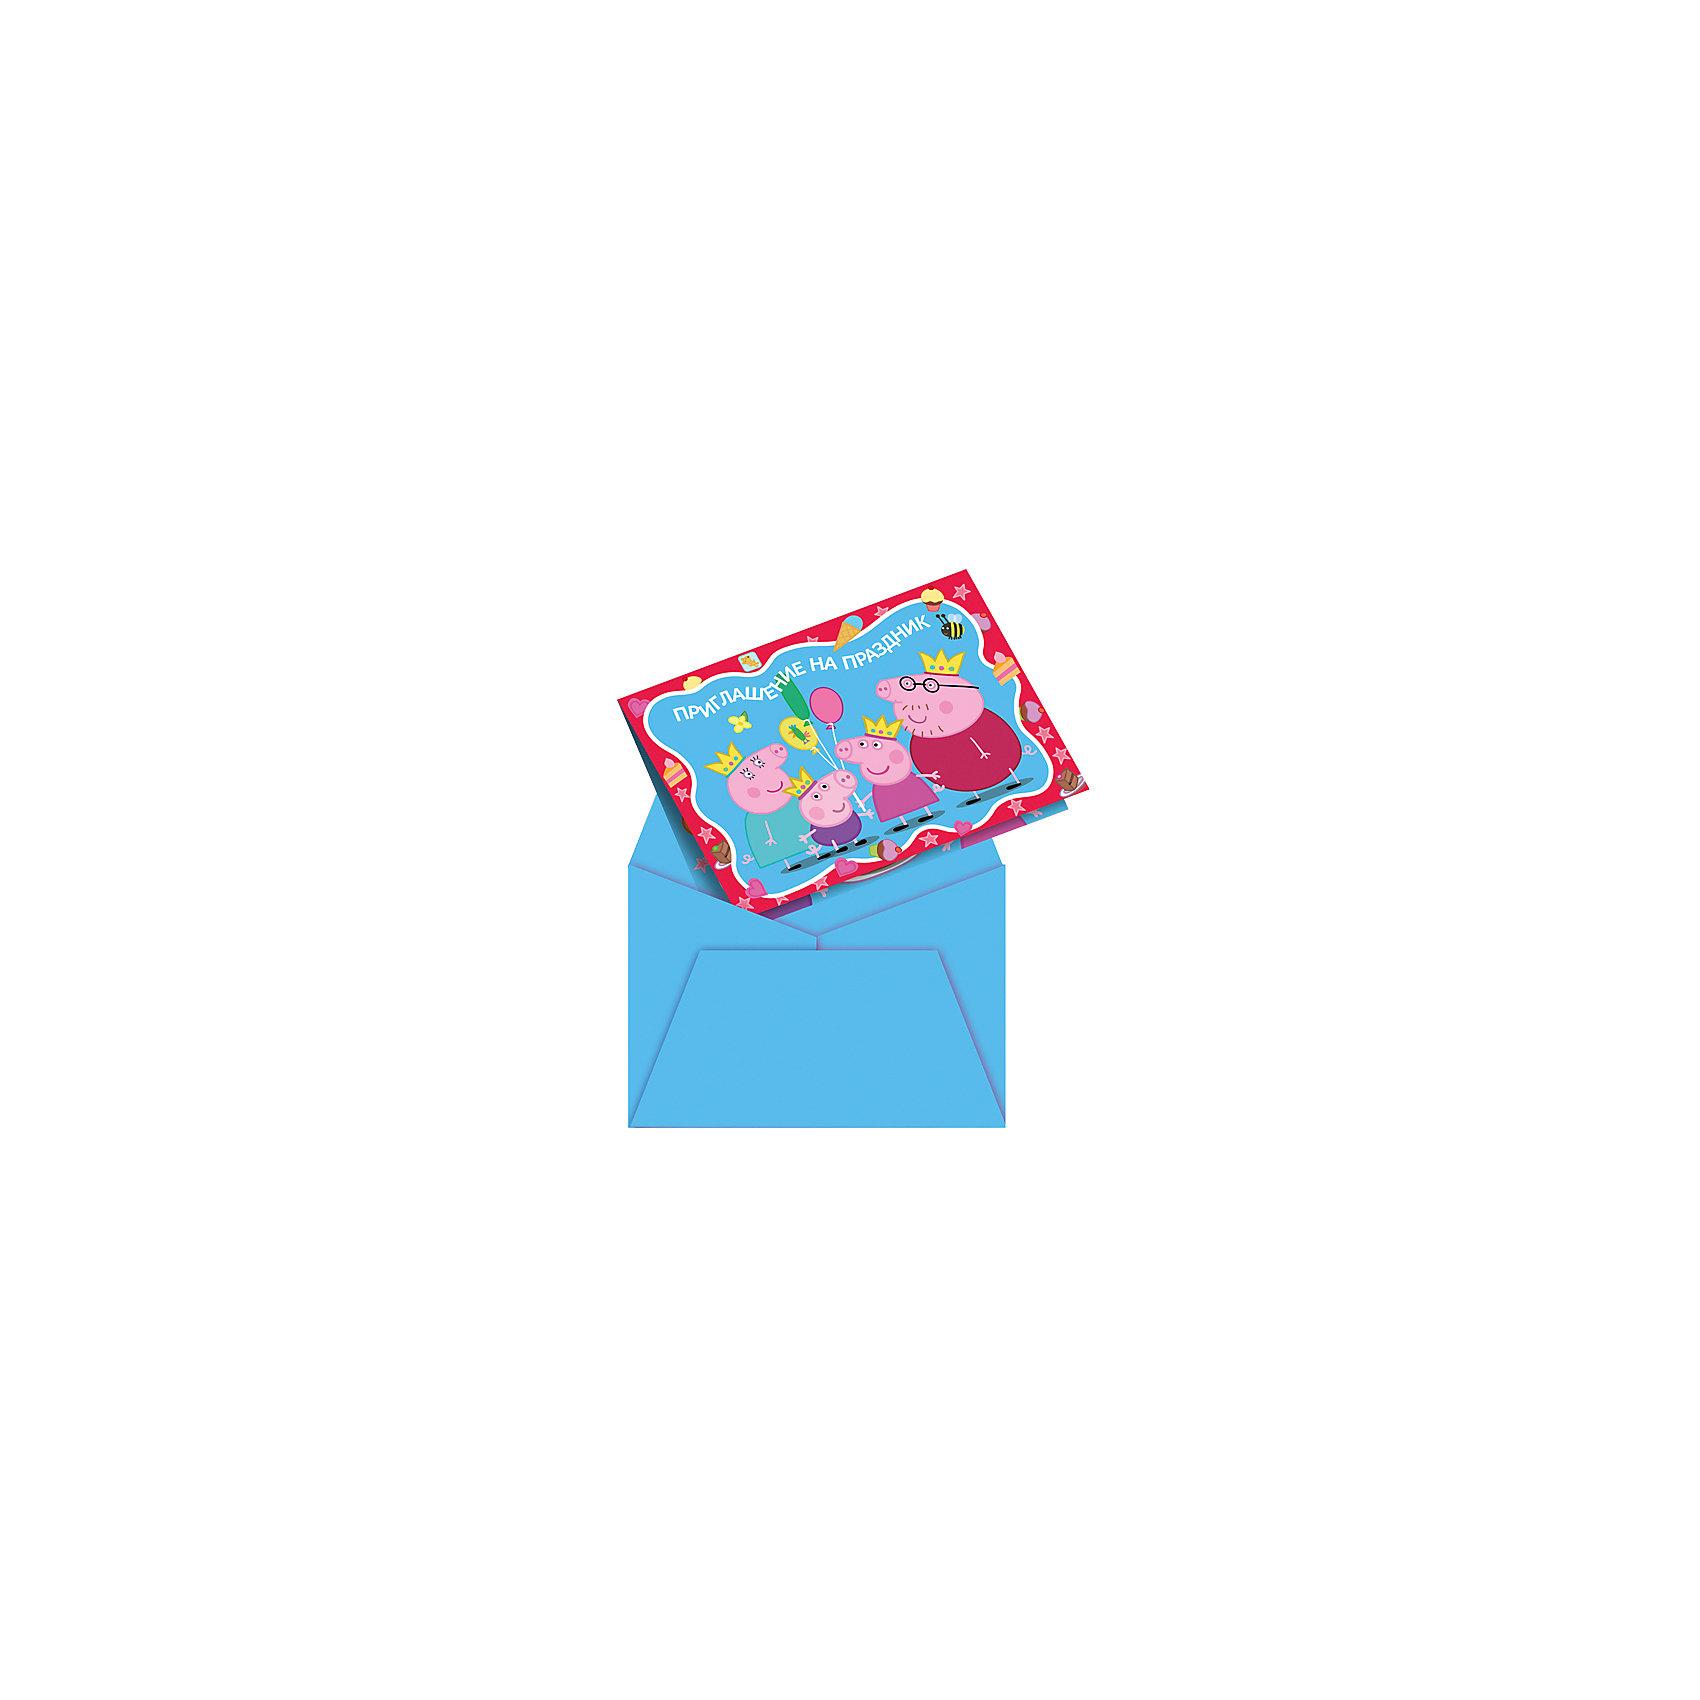 Росмэн Приглашение в конверте  Пеппа-принцесса 6 шт росмэн приглашение в конверте пеппа принцесса 6 шт